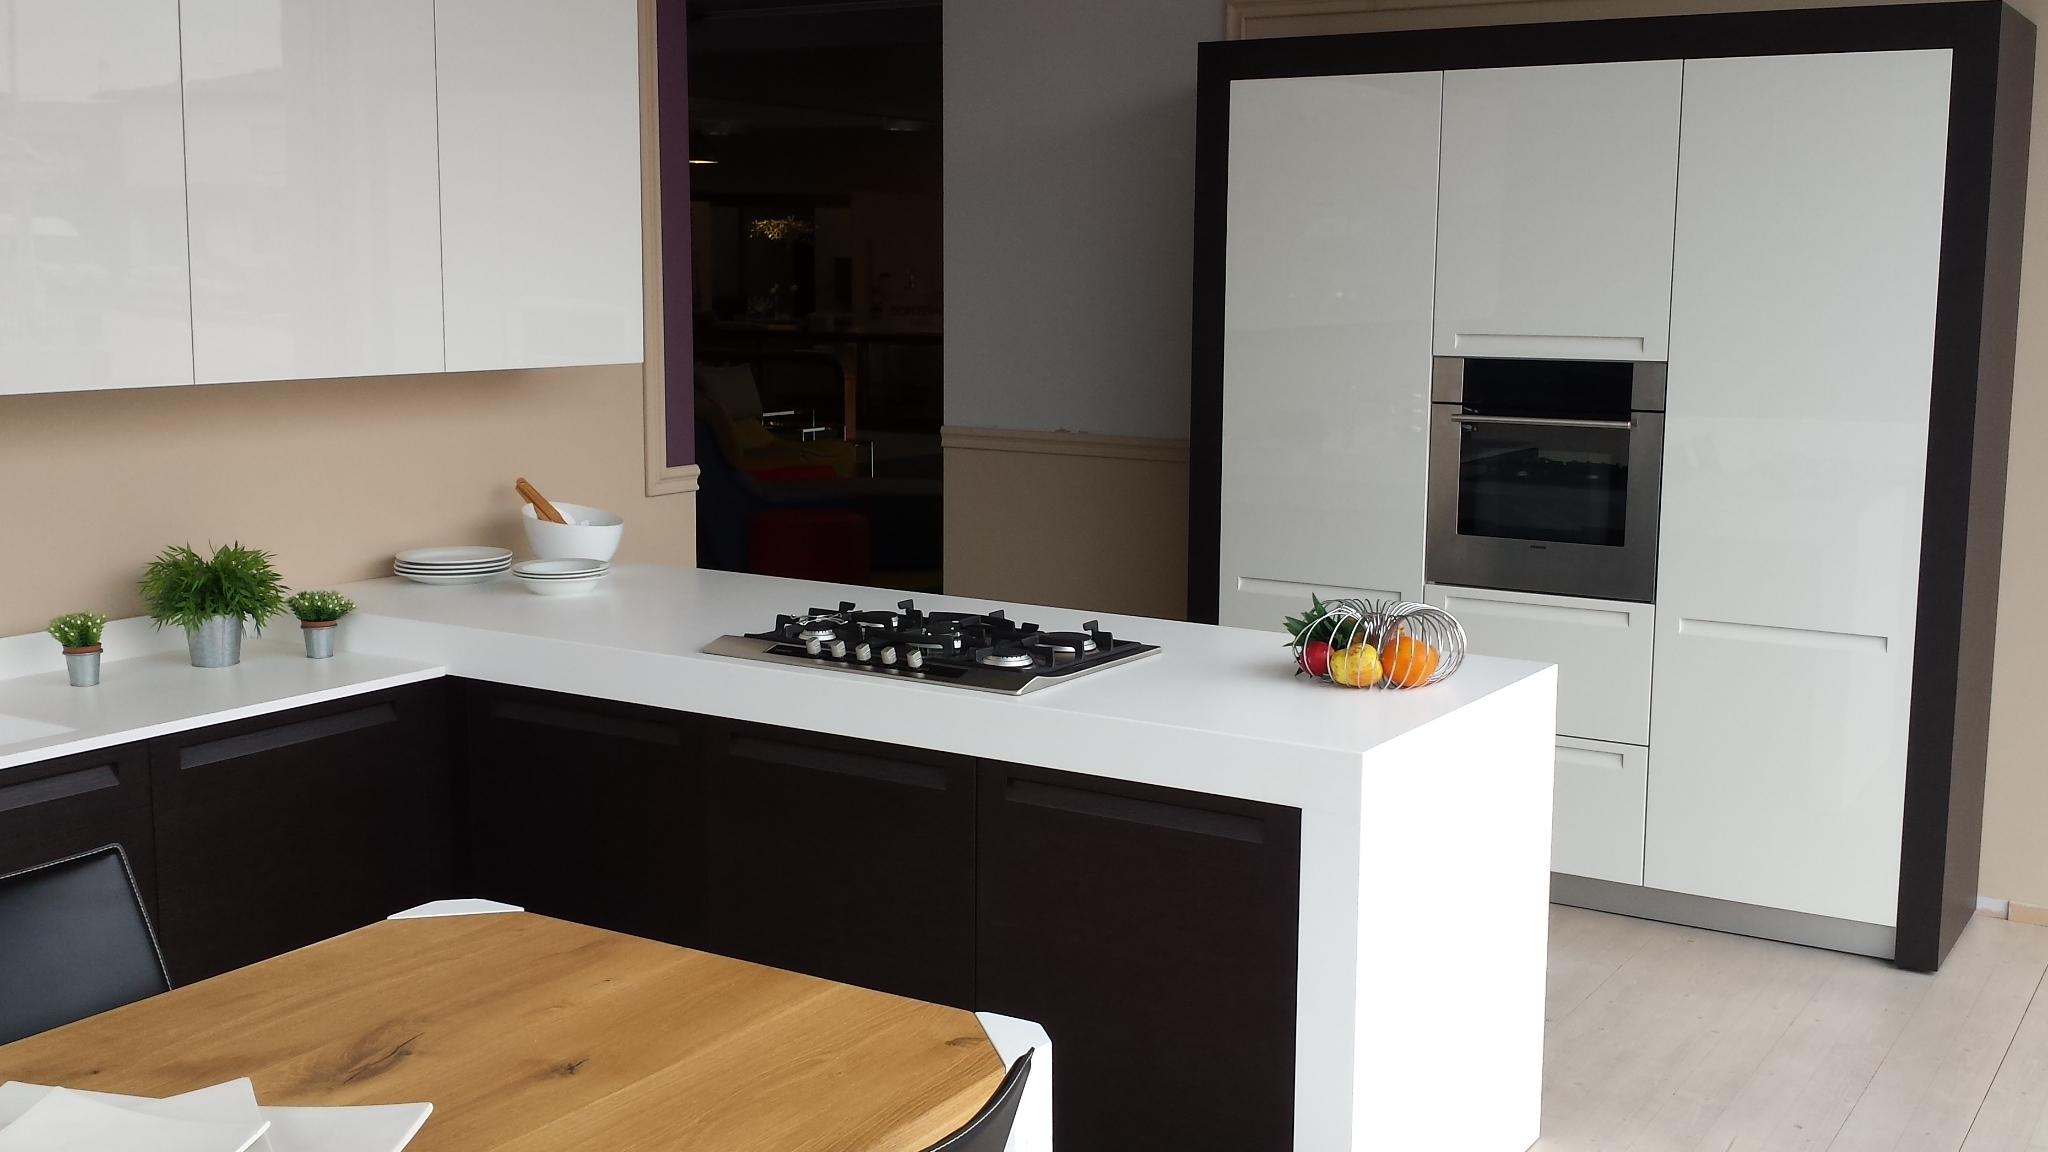 Cucine per ufficio affordable pareti divisorie in legno - Doimo cucine torino ...